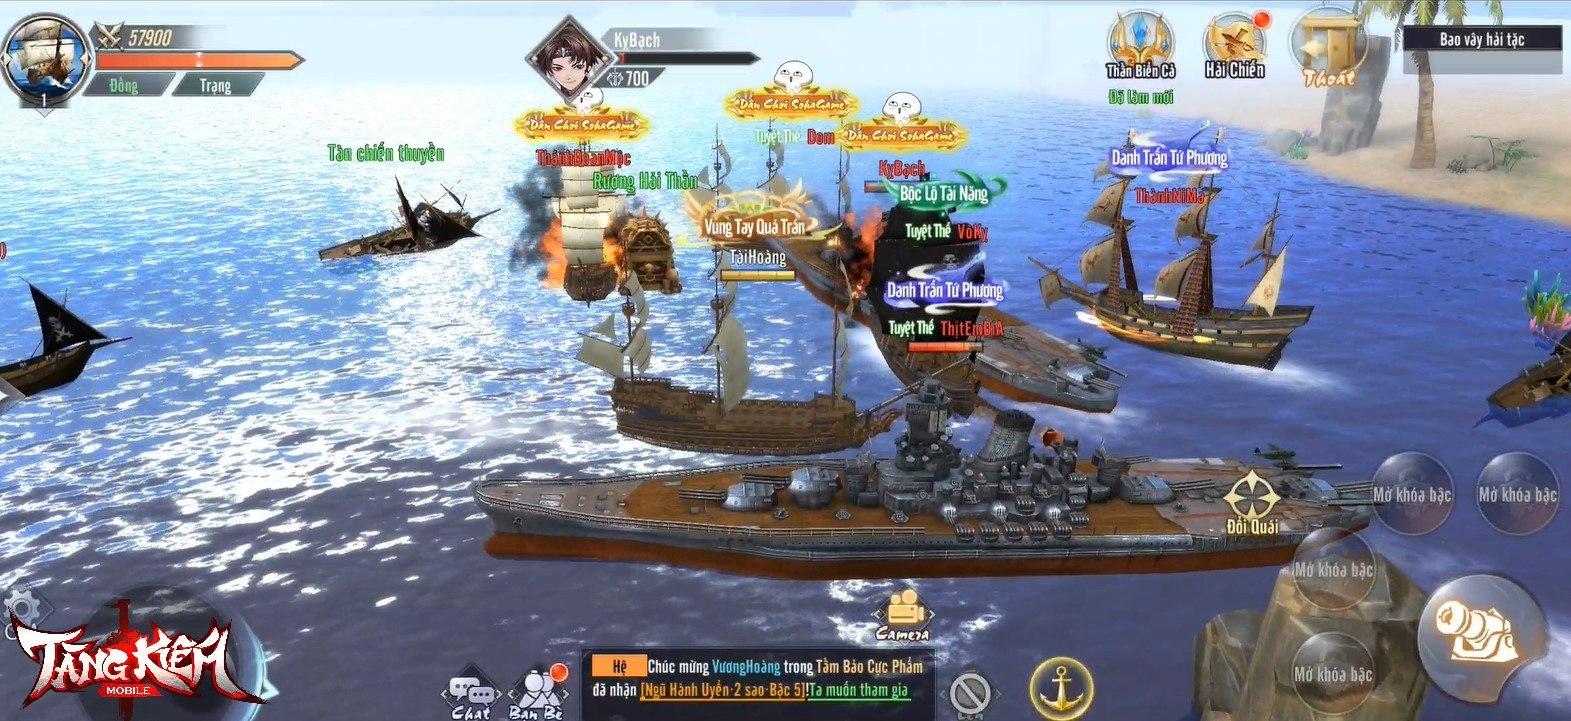 Tàng Kiếm Mobile: Game kiếm hiệp độc lạ với tính năng thủy chiến